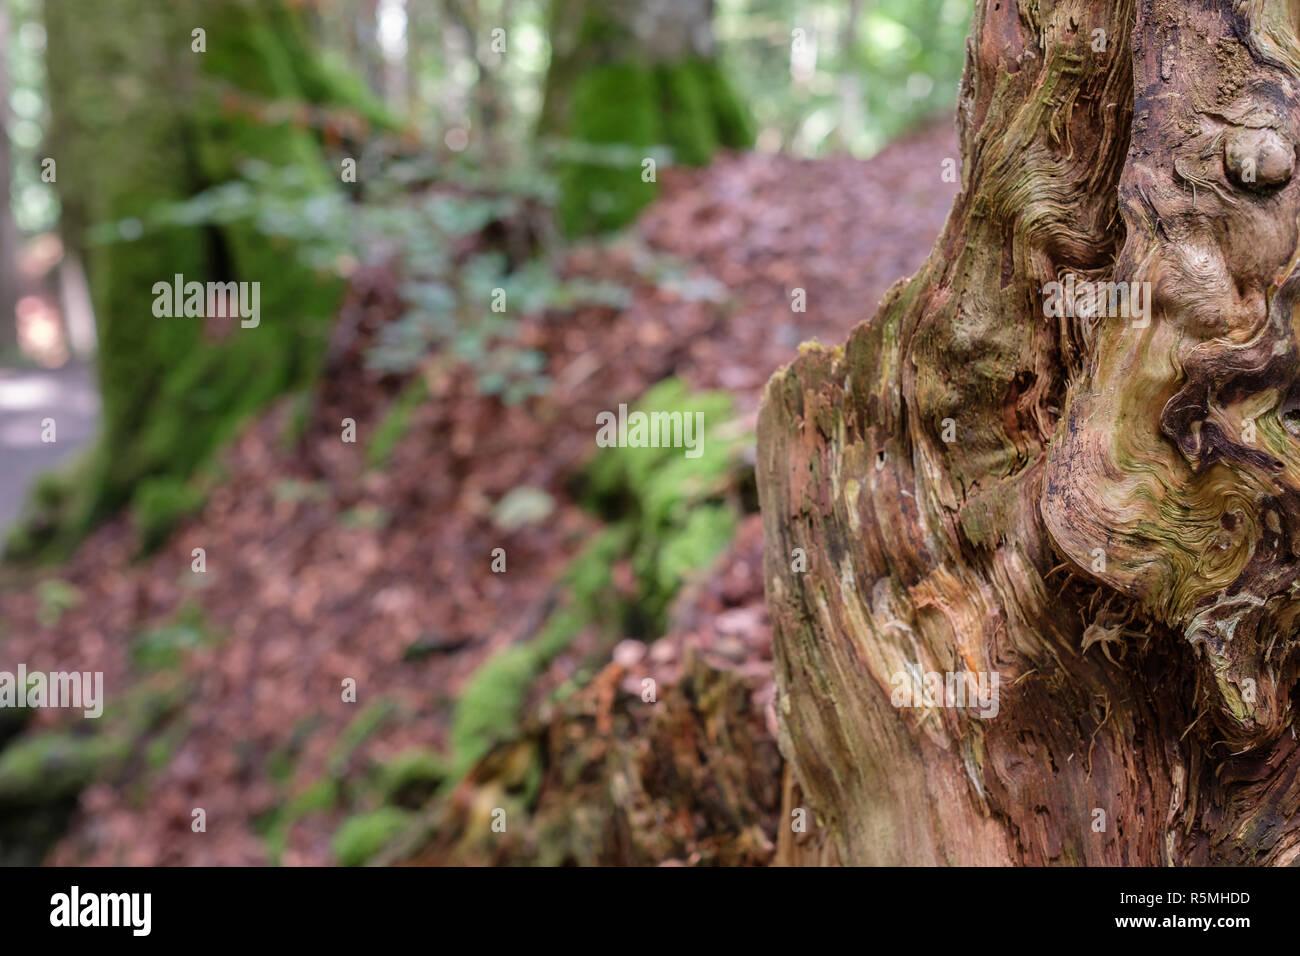 Maserung Holz bin gefällten Baumstamm der verrottet als Nahaufnahme Stockbild